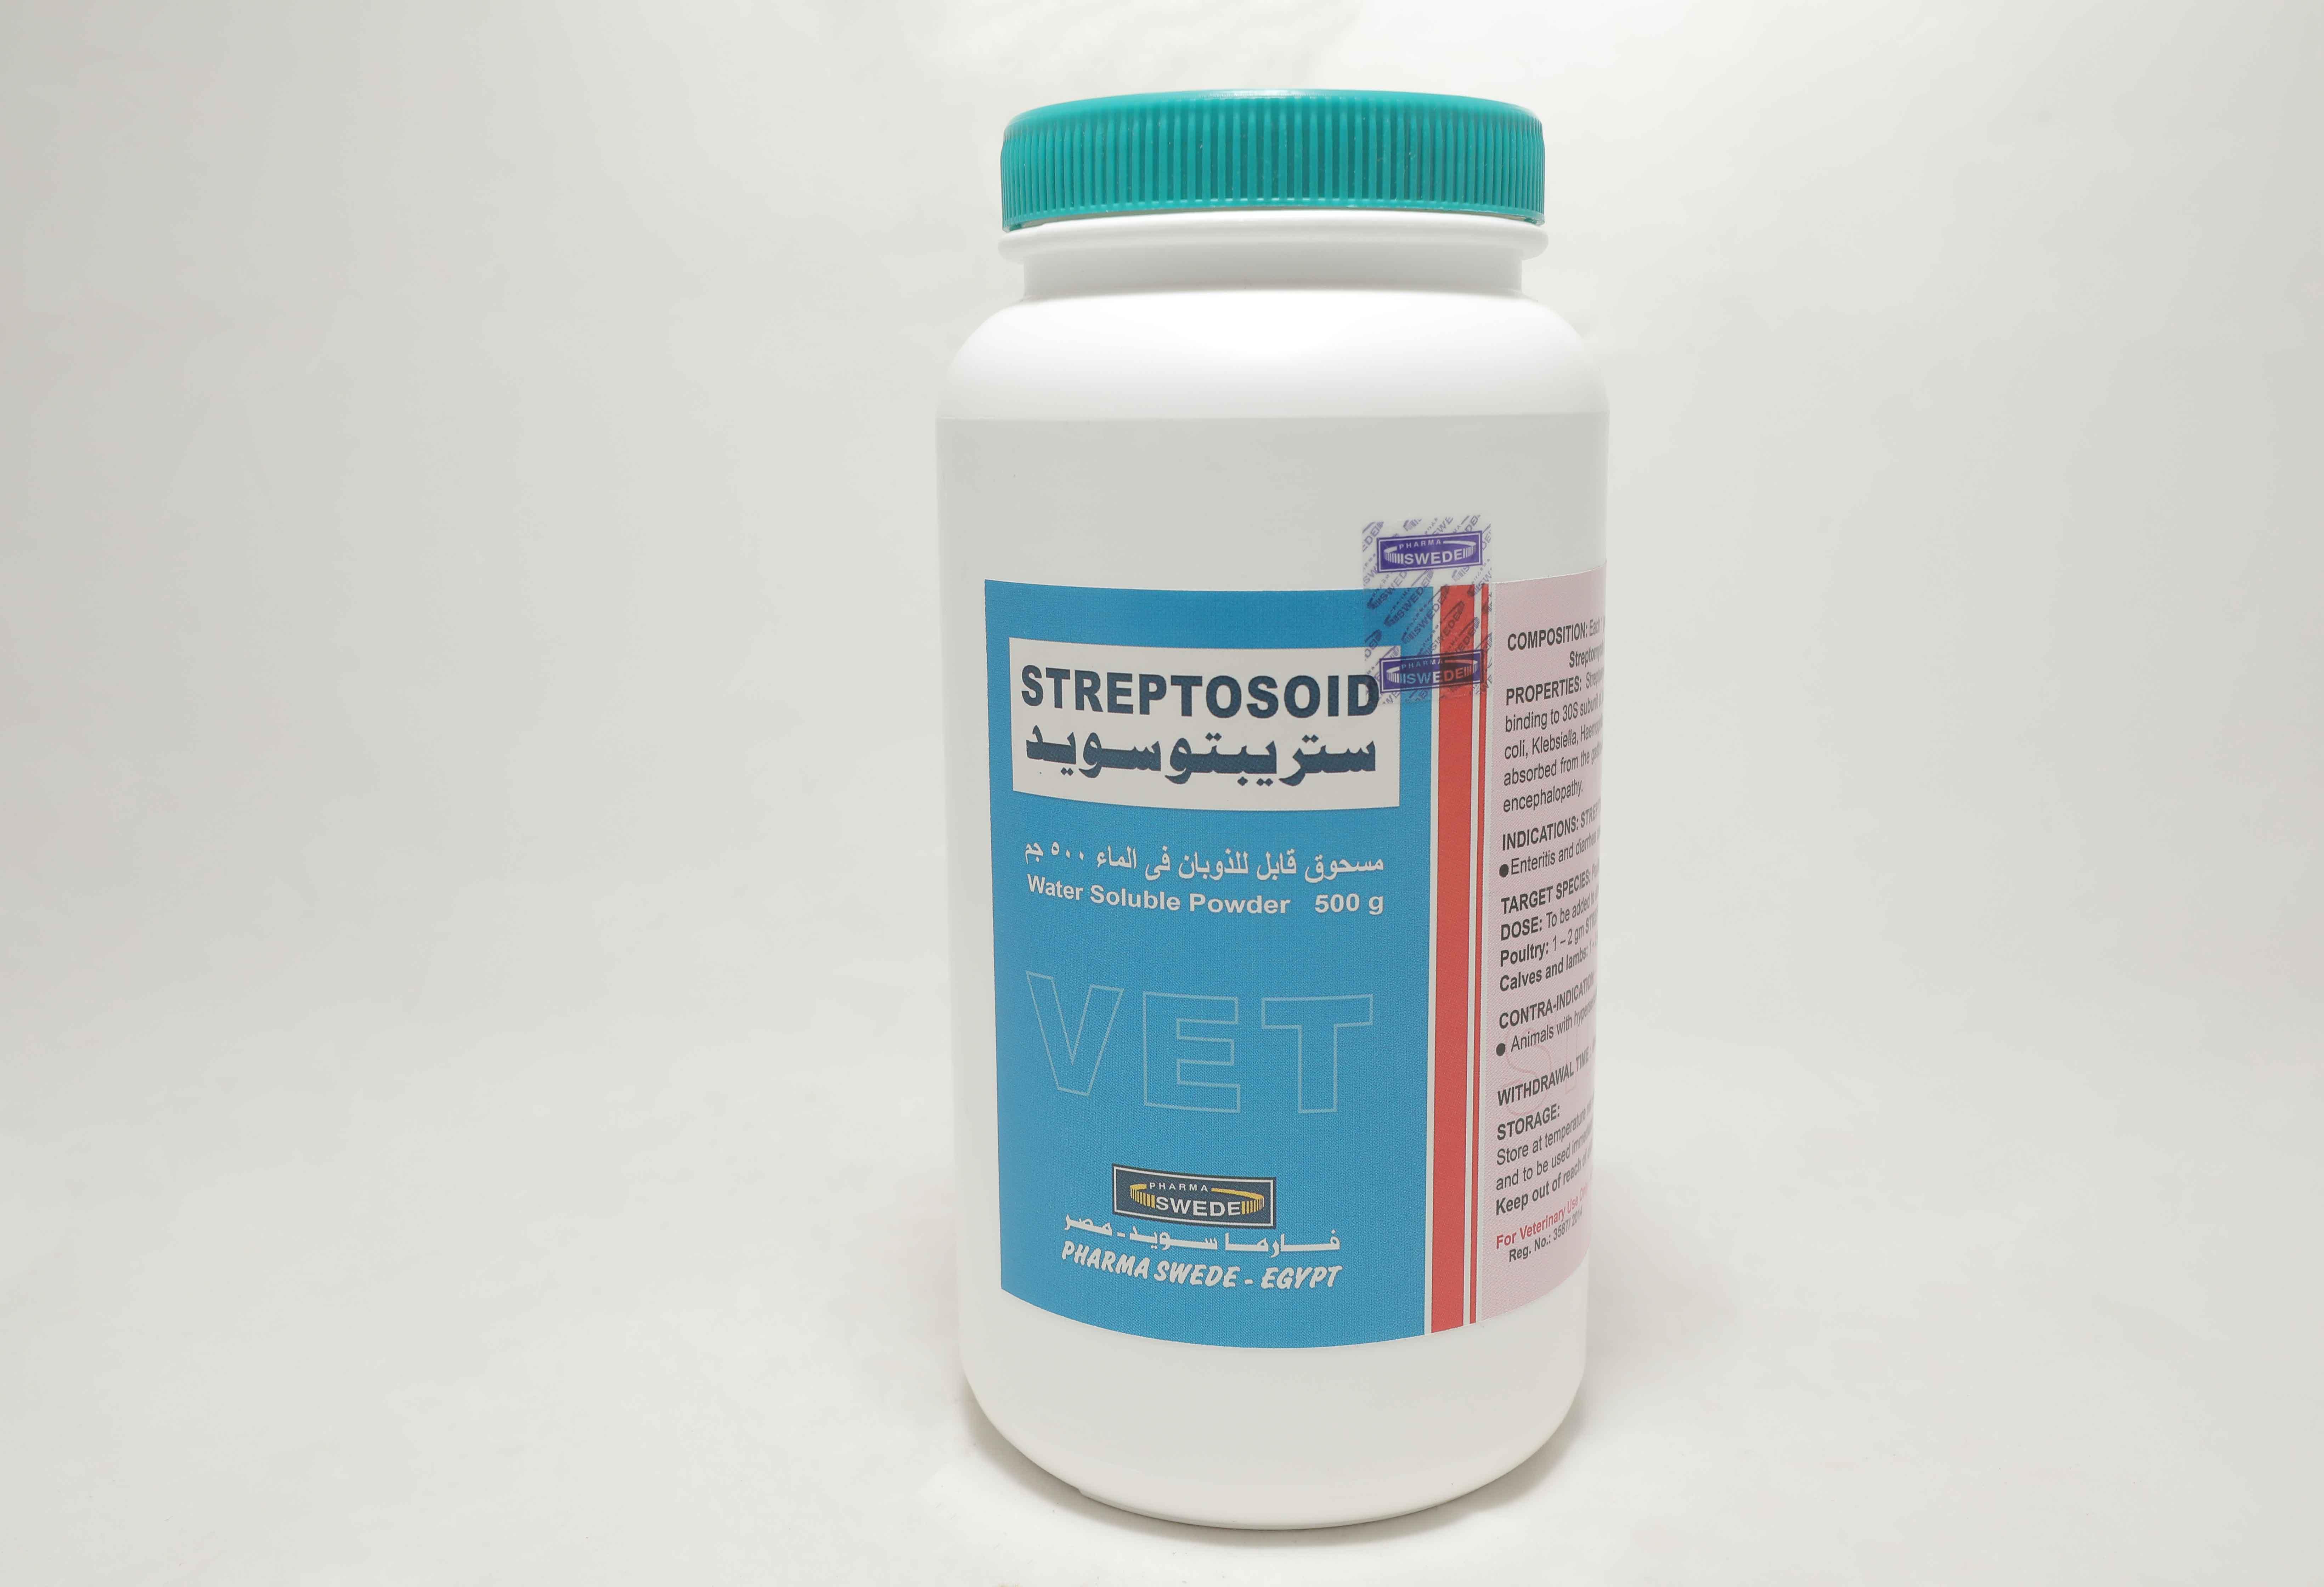 Streptosoid Liquid